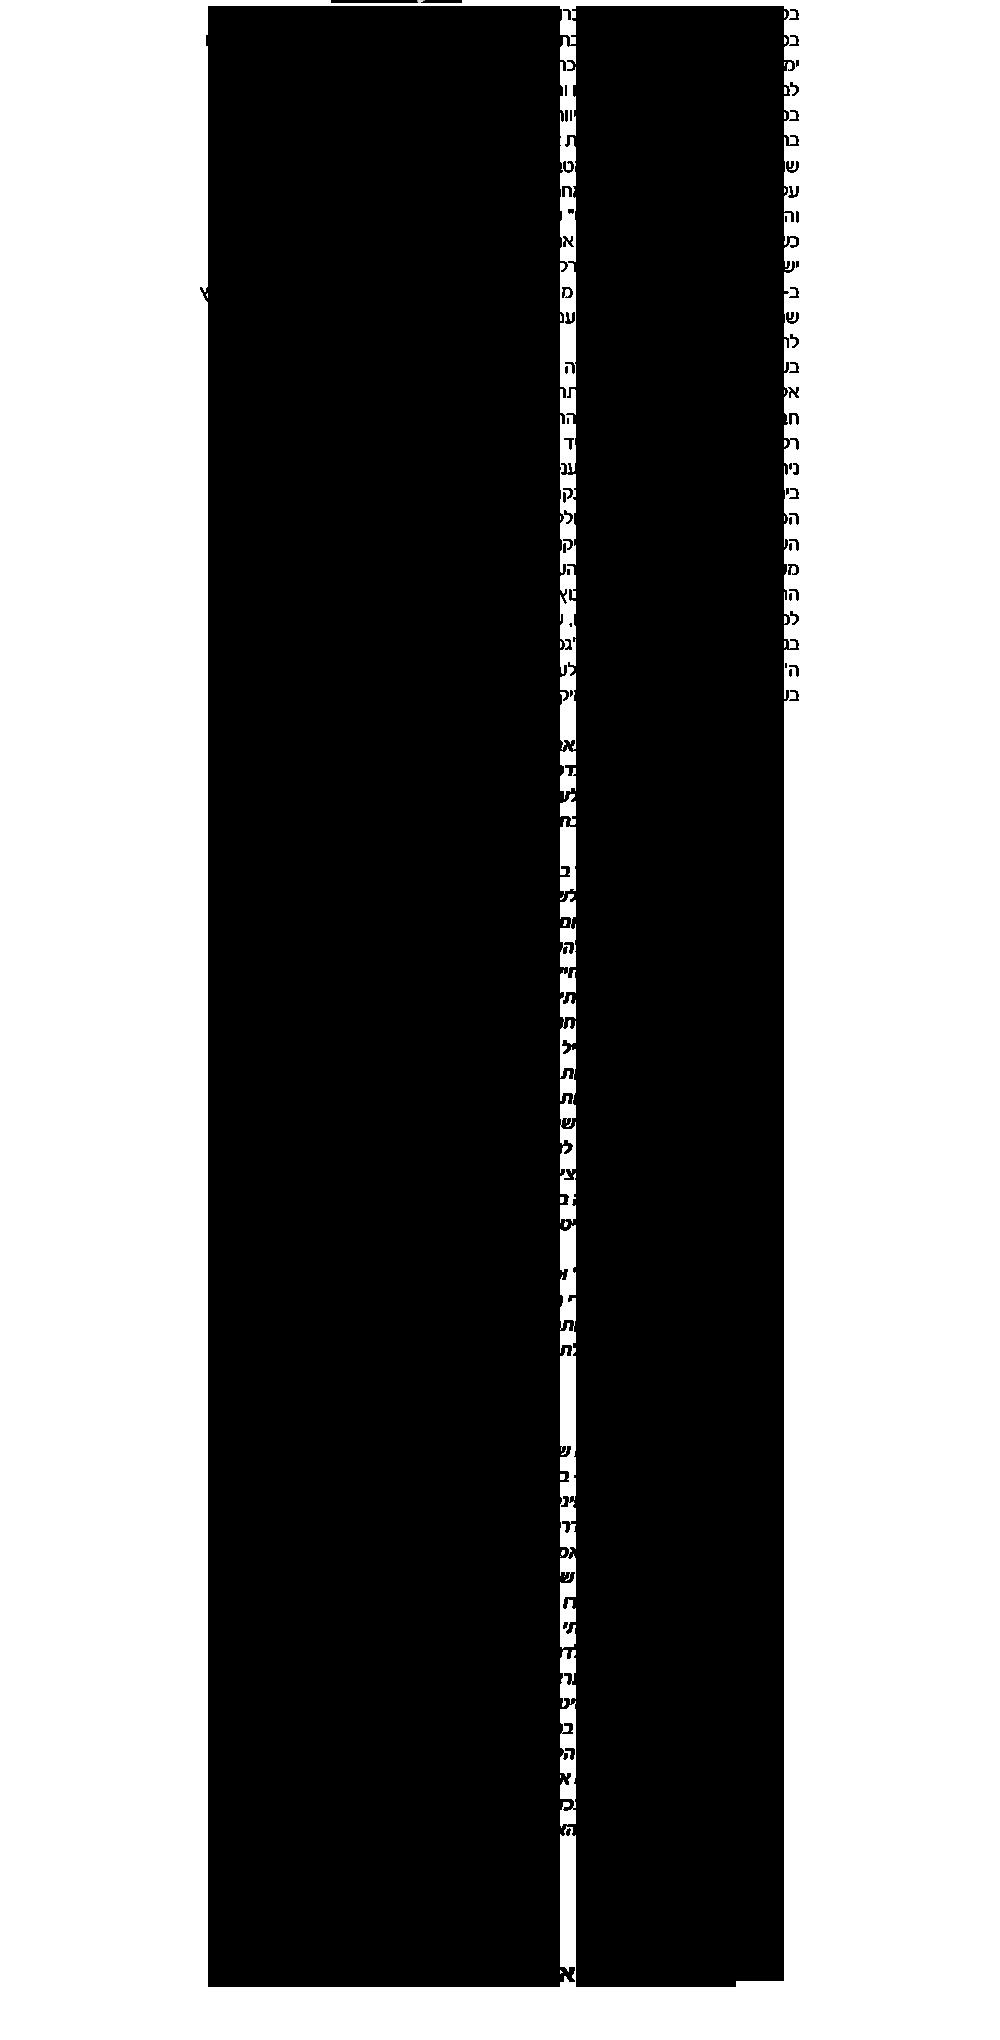 טקסט על בקה כץ